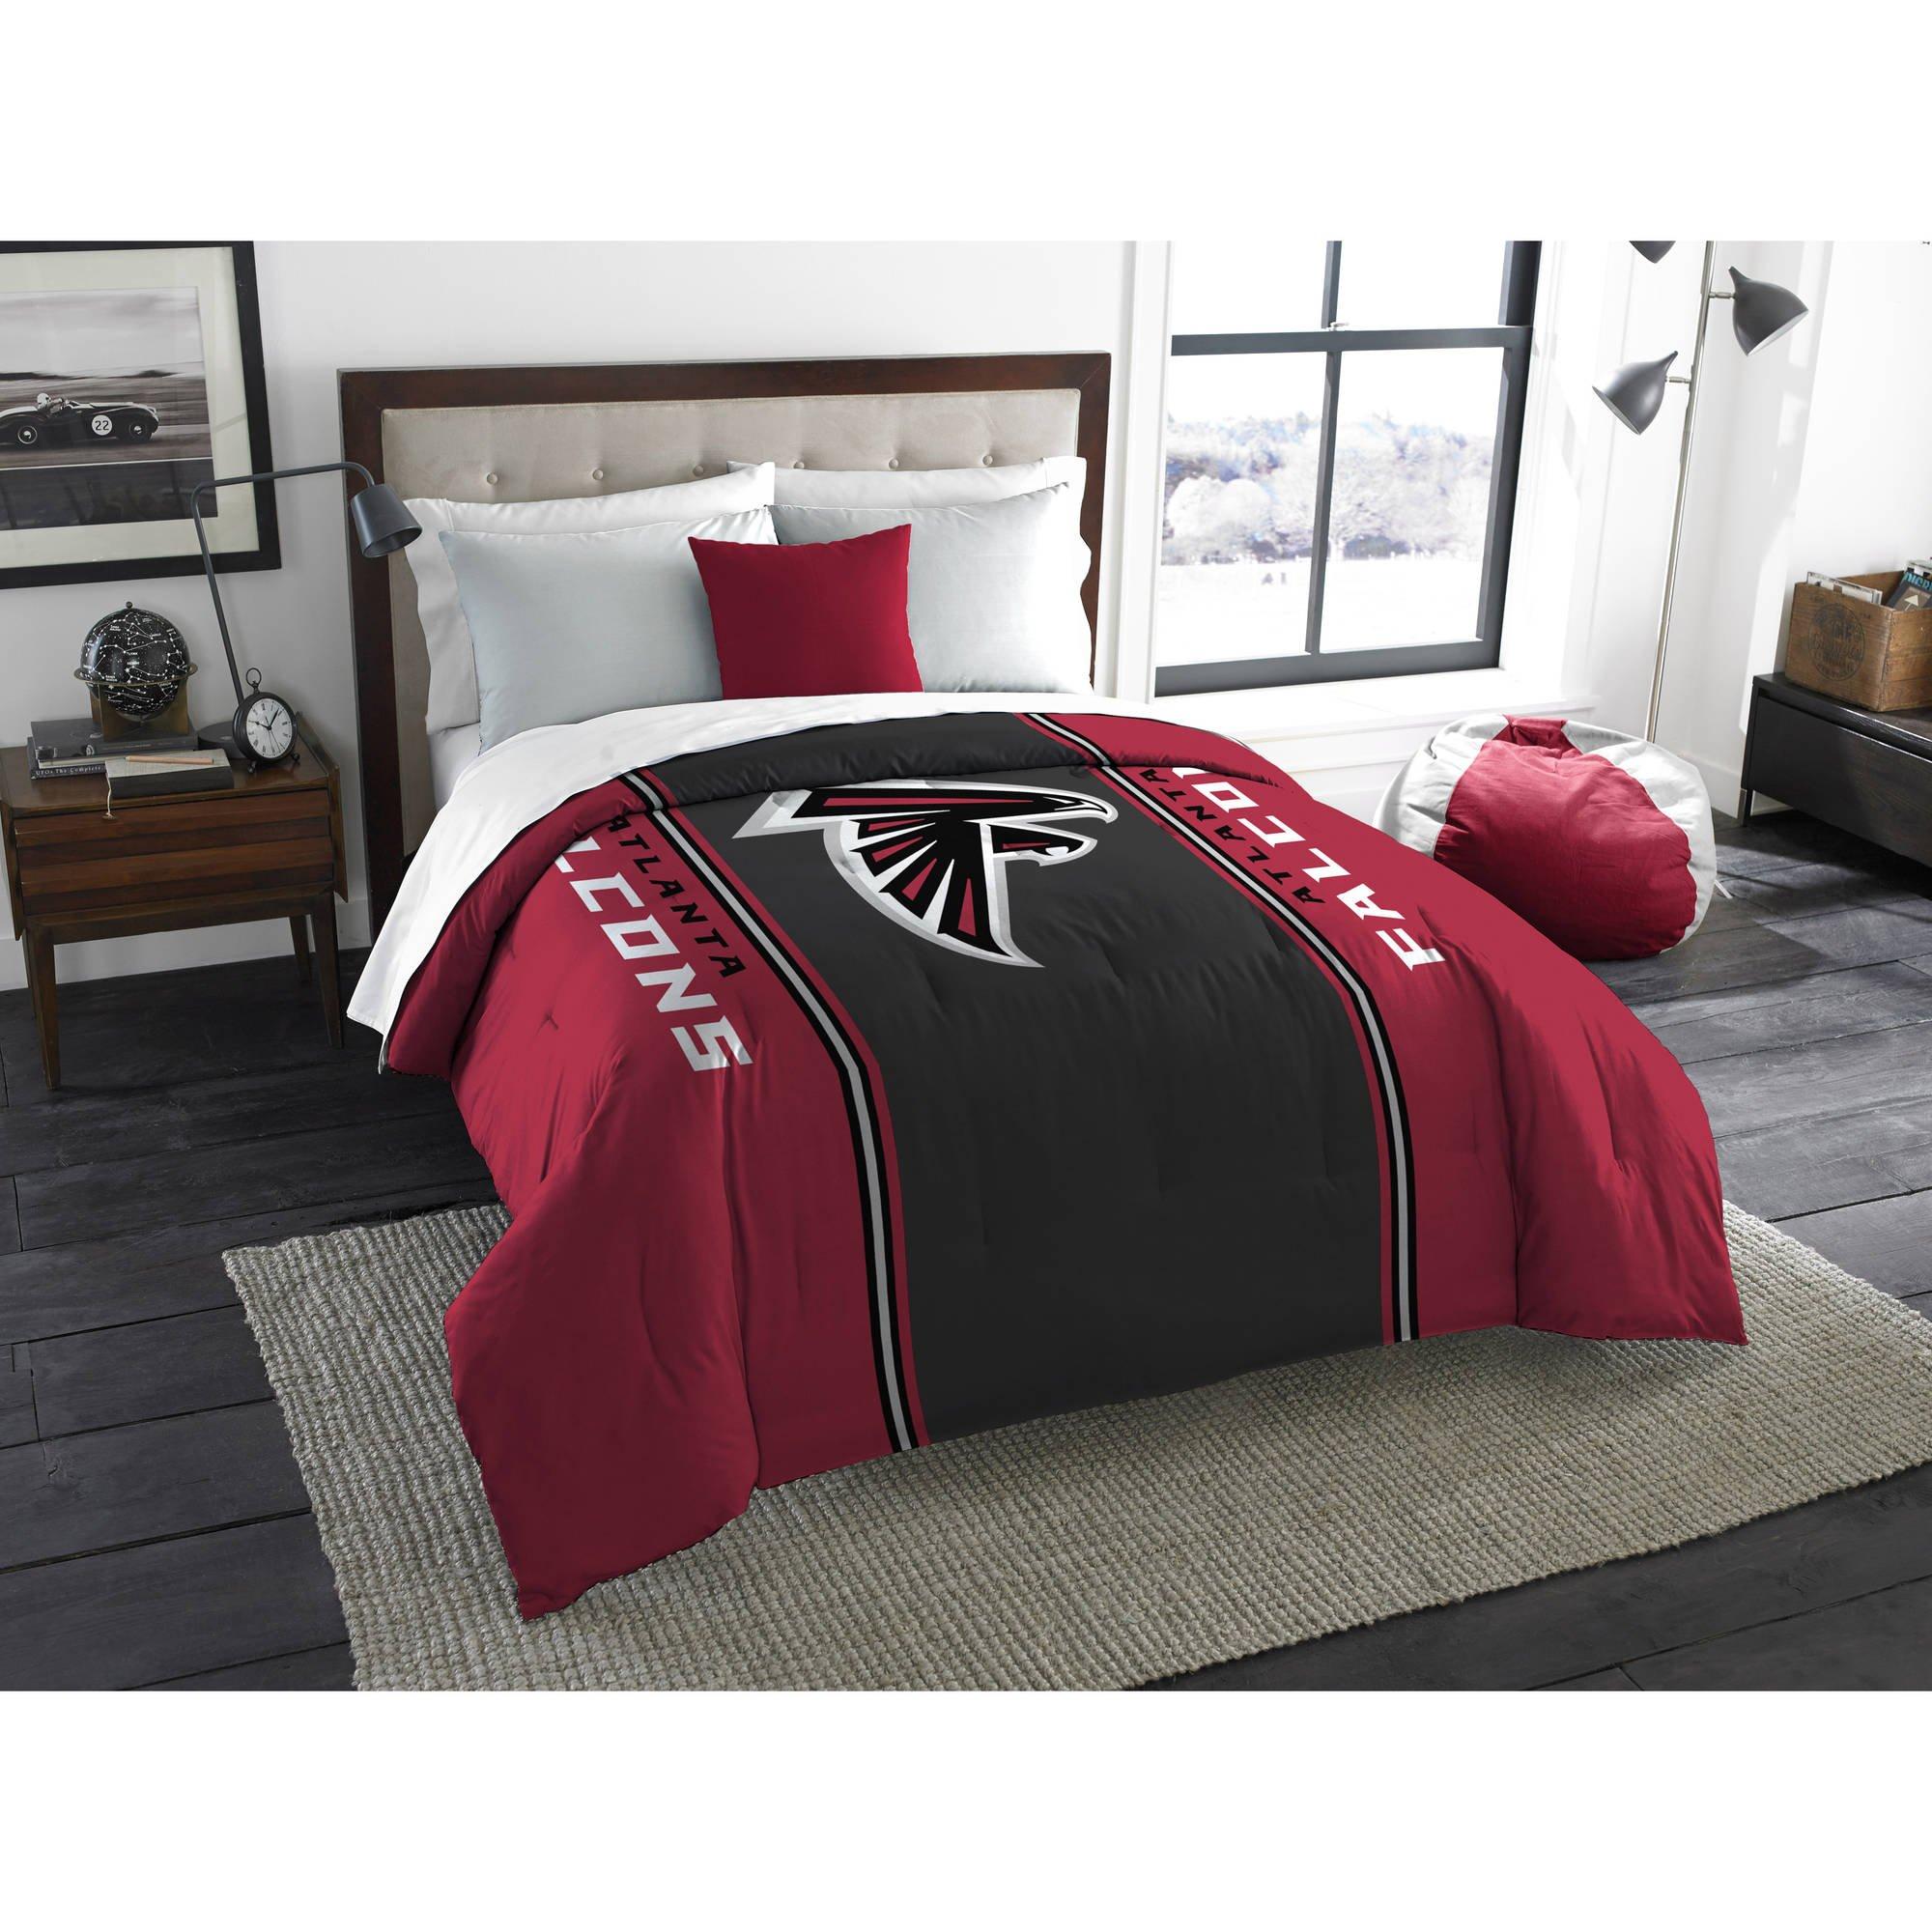 NFL Atlanta Falcons Bedding Set, Full